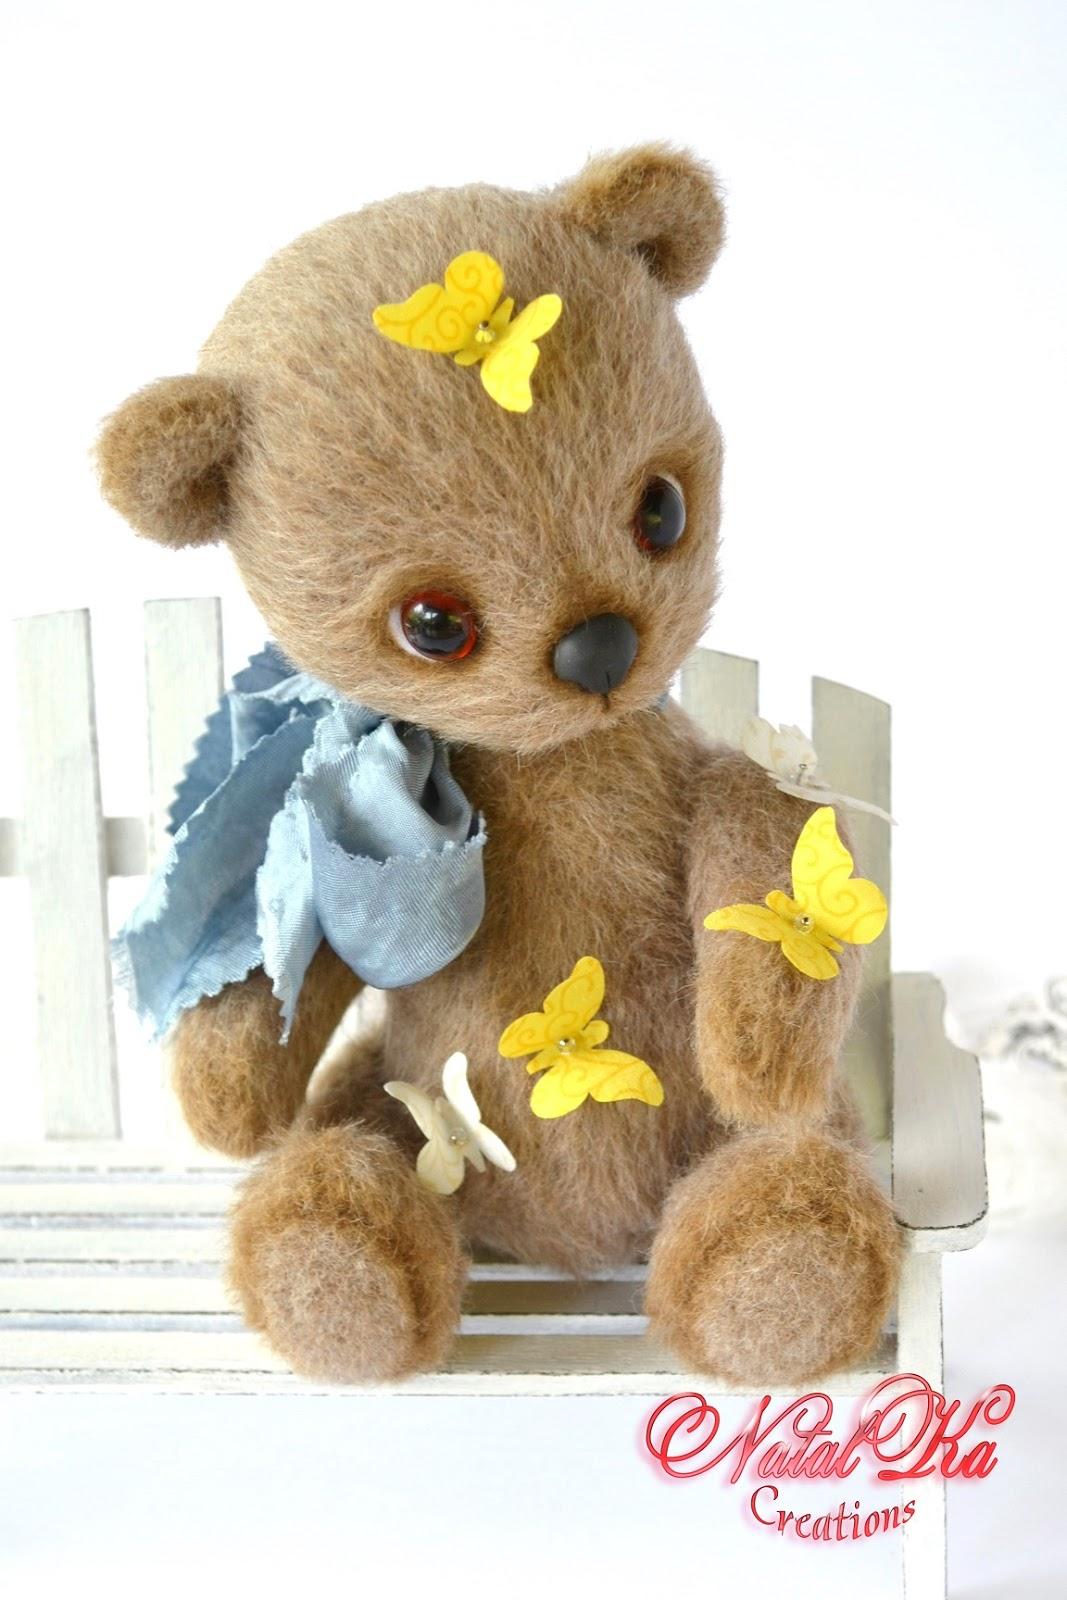 Künstlerbär, Teddybär, Bär, Sammlerbär handgemacht von NatalKa Creations.  Авторский мишка тедди ручной работы от NatalKa Creations. Artist bear, artist teddy bear, bear handmade, bear jointed, ooak bear, handmade by NatalKa Creations